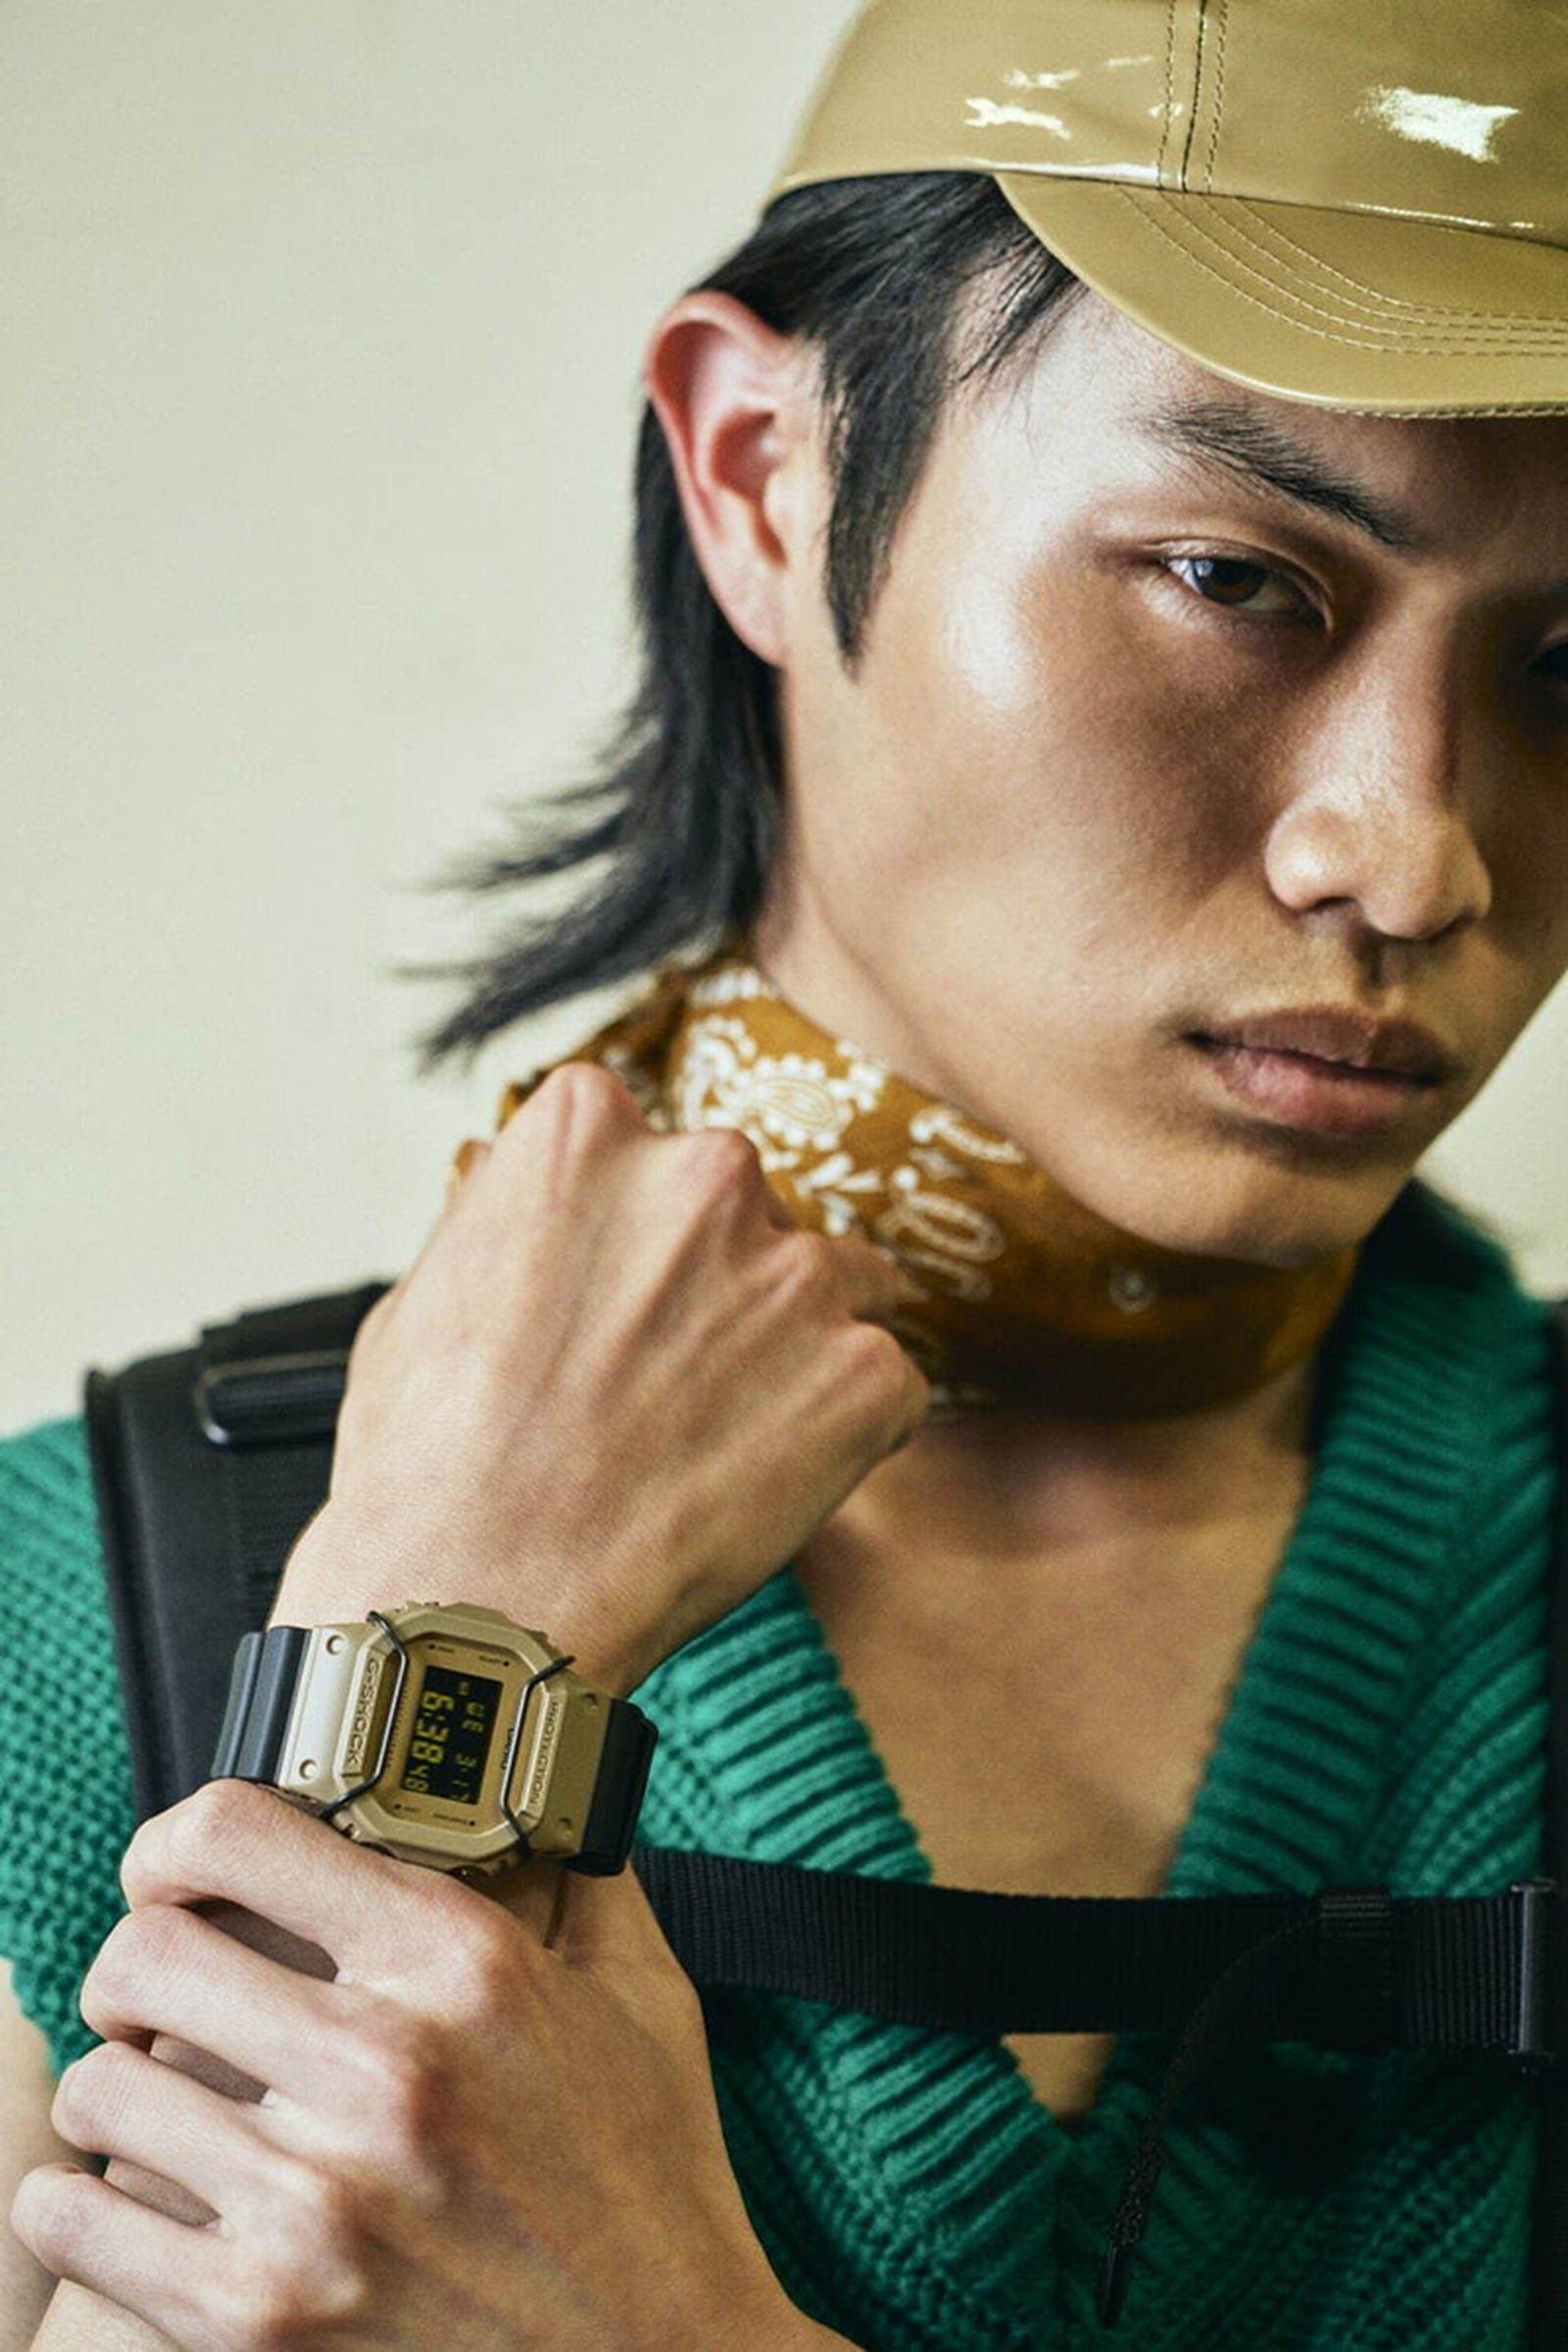 mistergentleman-g-shock-dw-5600e-watch-collaboration (3)